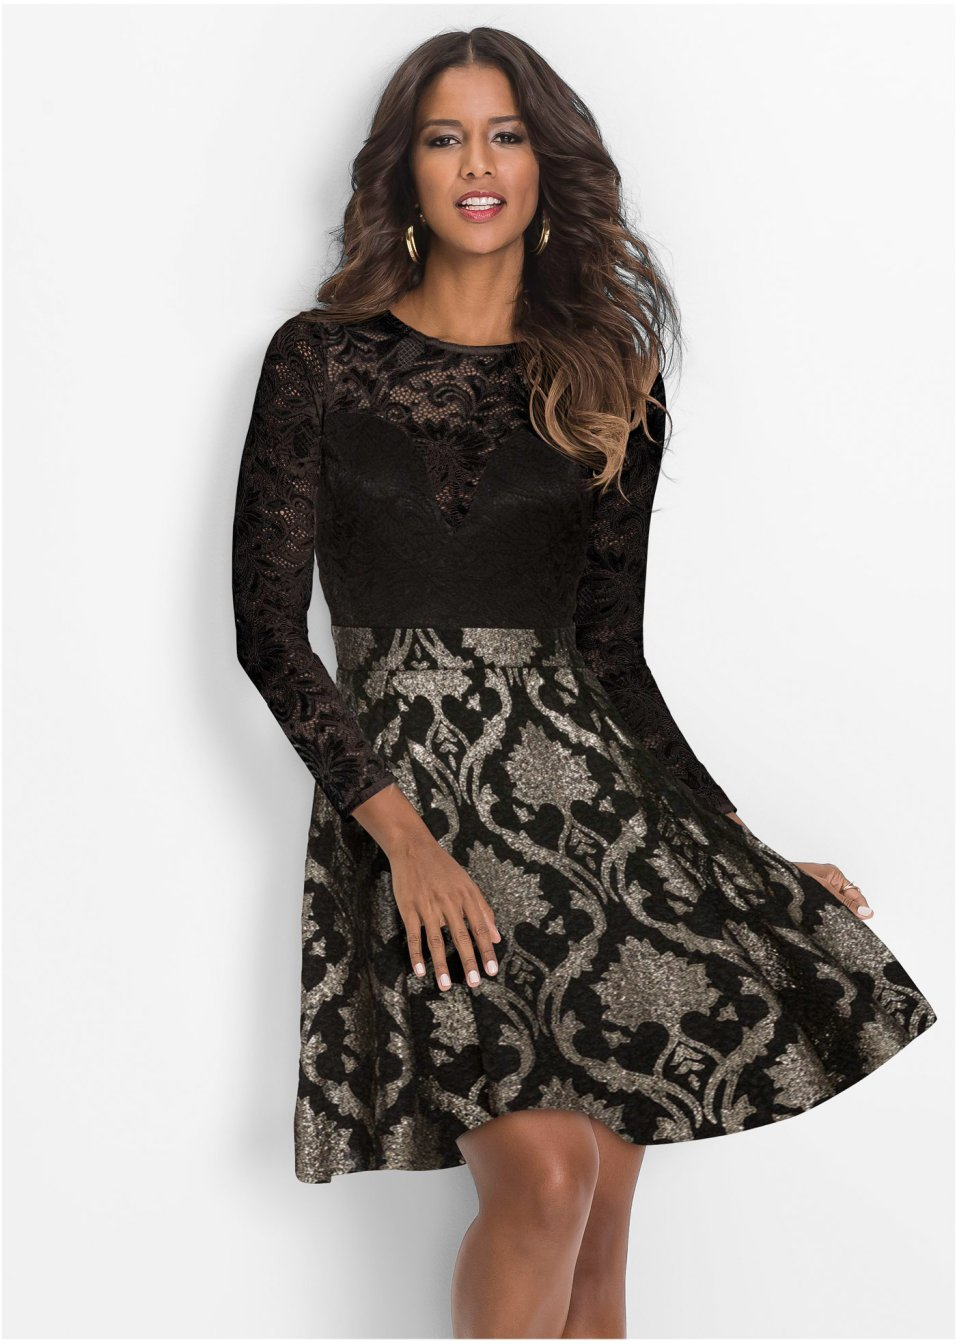 Kleid mit Spitze schwarz - Damen - BODYFLIRT boutique ...